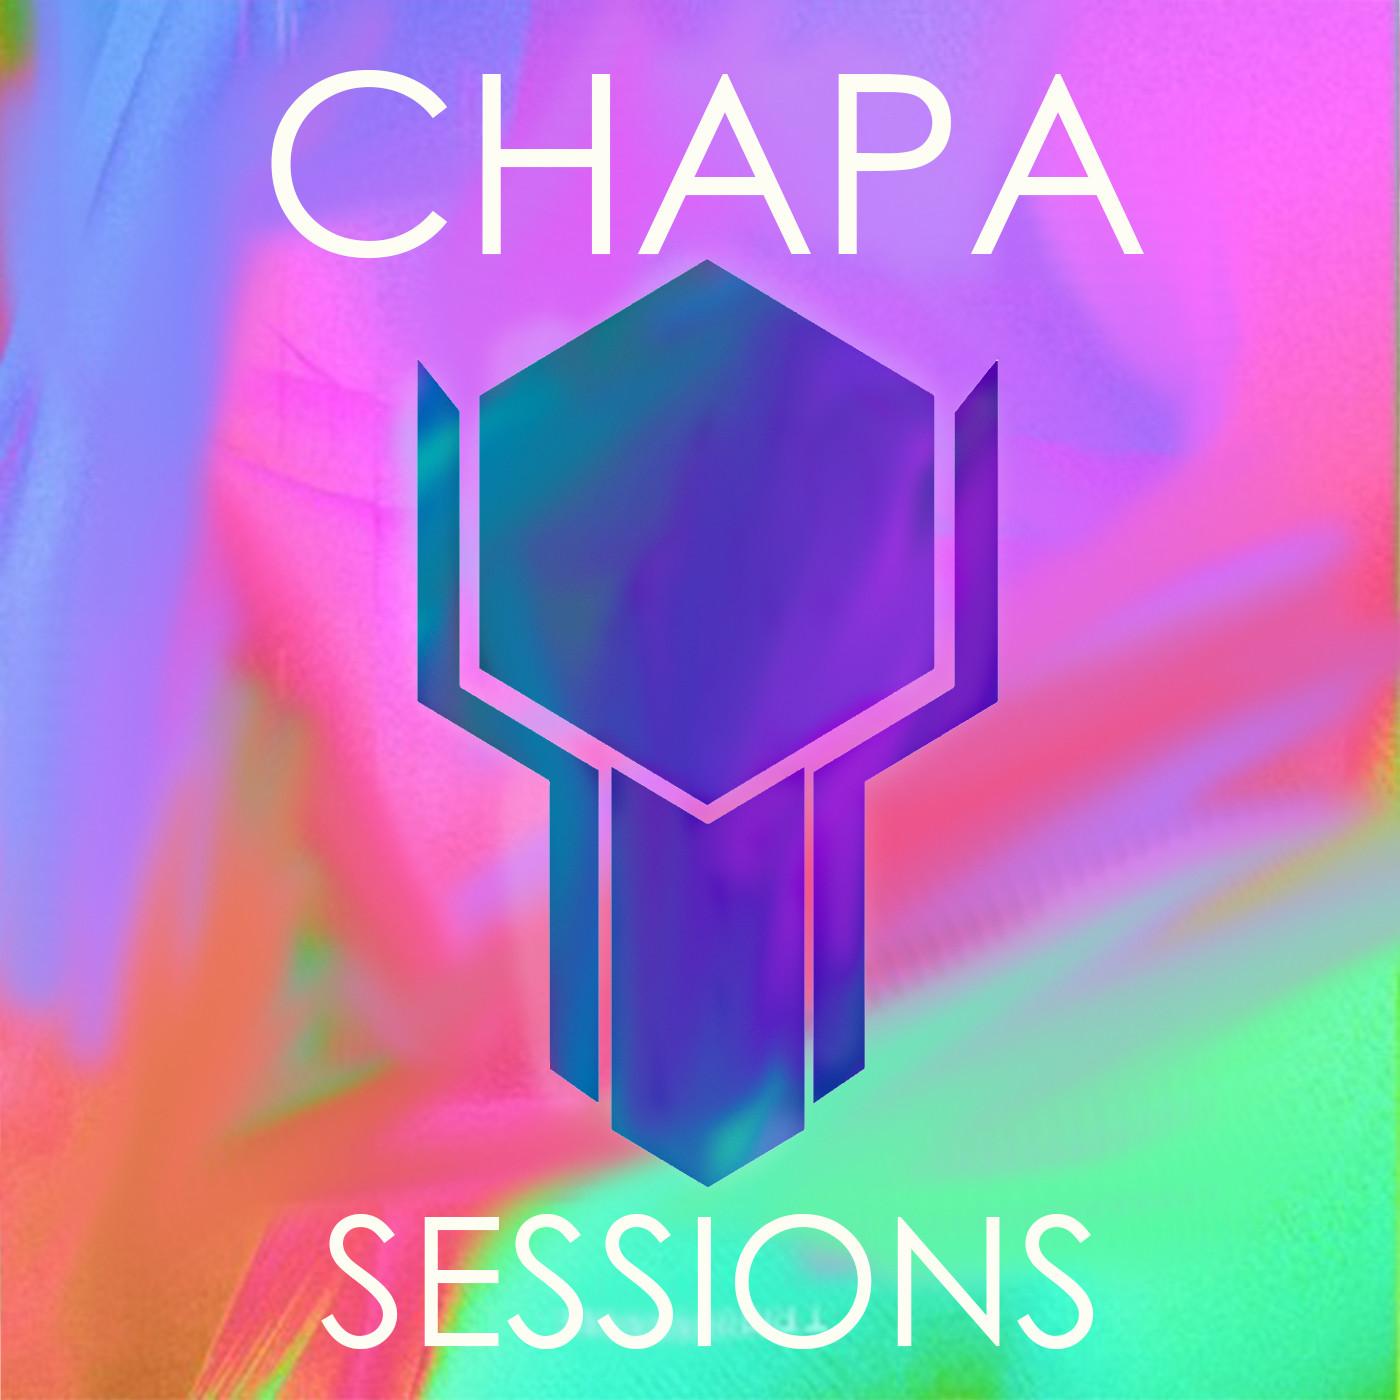 <![CDATA[Chapa Sessions]]>